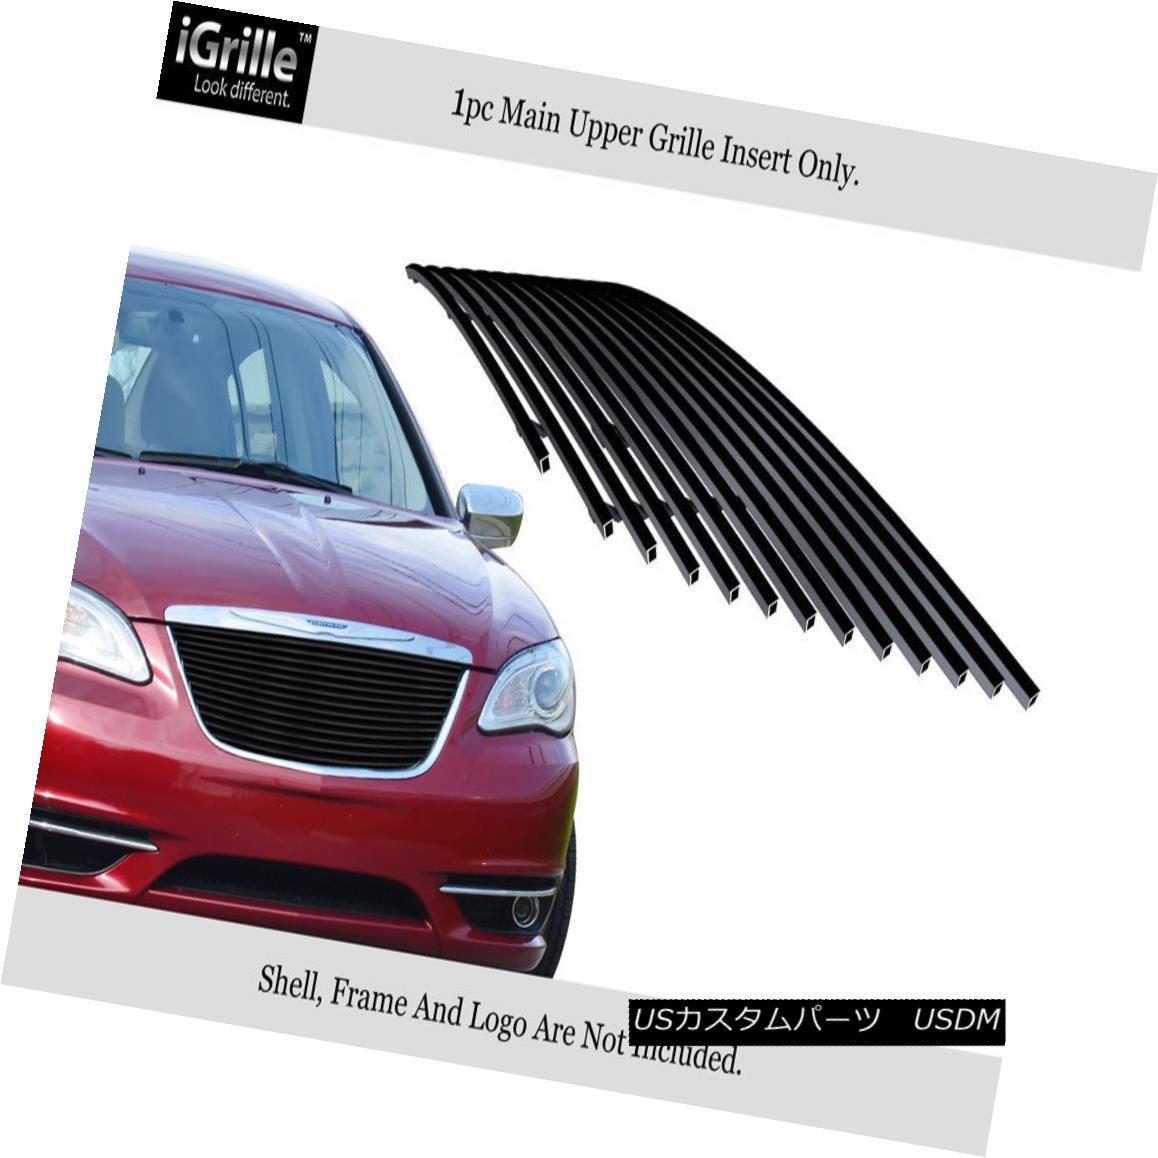 グリル For 2011-2014 Chrysler 200 Black Stainless Steel Billet Grille Grill Insert 2011-2014クライスラー200ブラックステンレス鋼ビレットグリルグリルインサート用